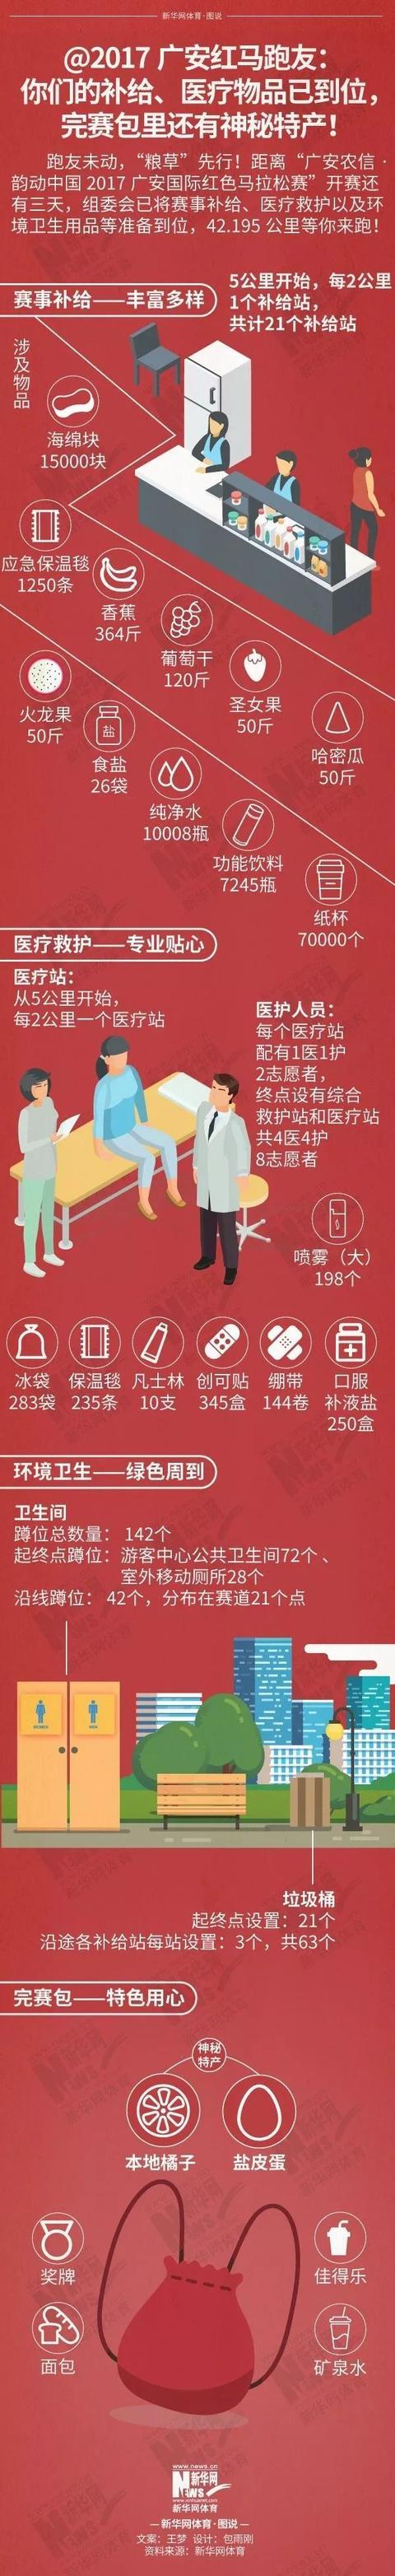 红马进行时(86)|2017广安红马跑友:你们的补给物品已到位,完赛包里还有神秘特产!